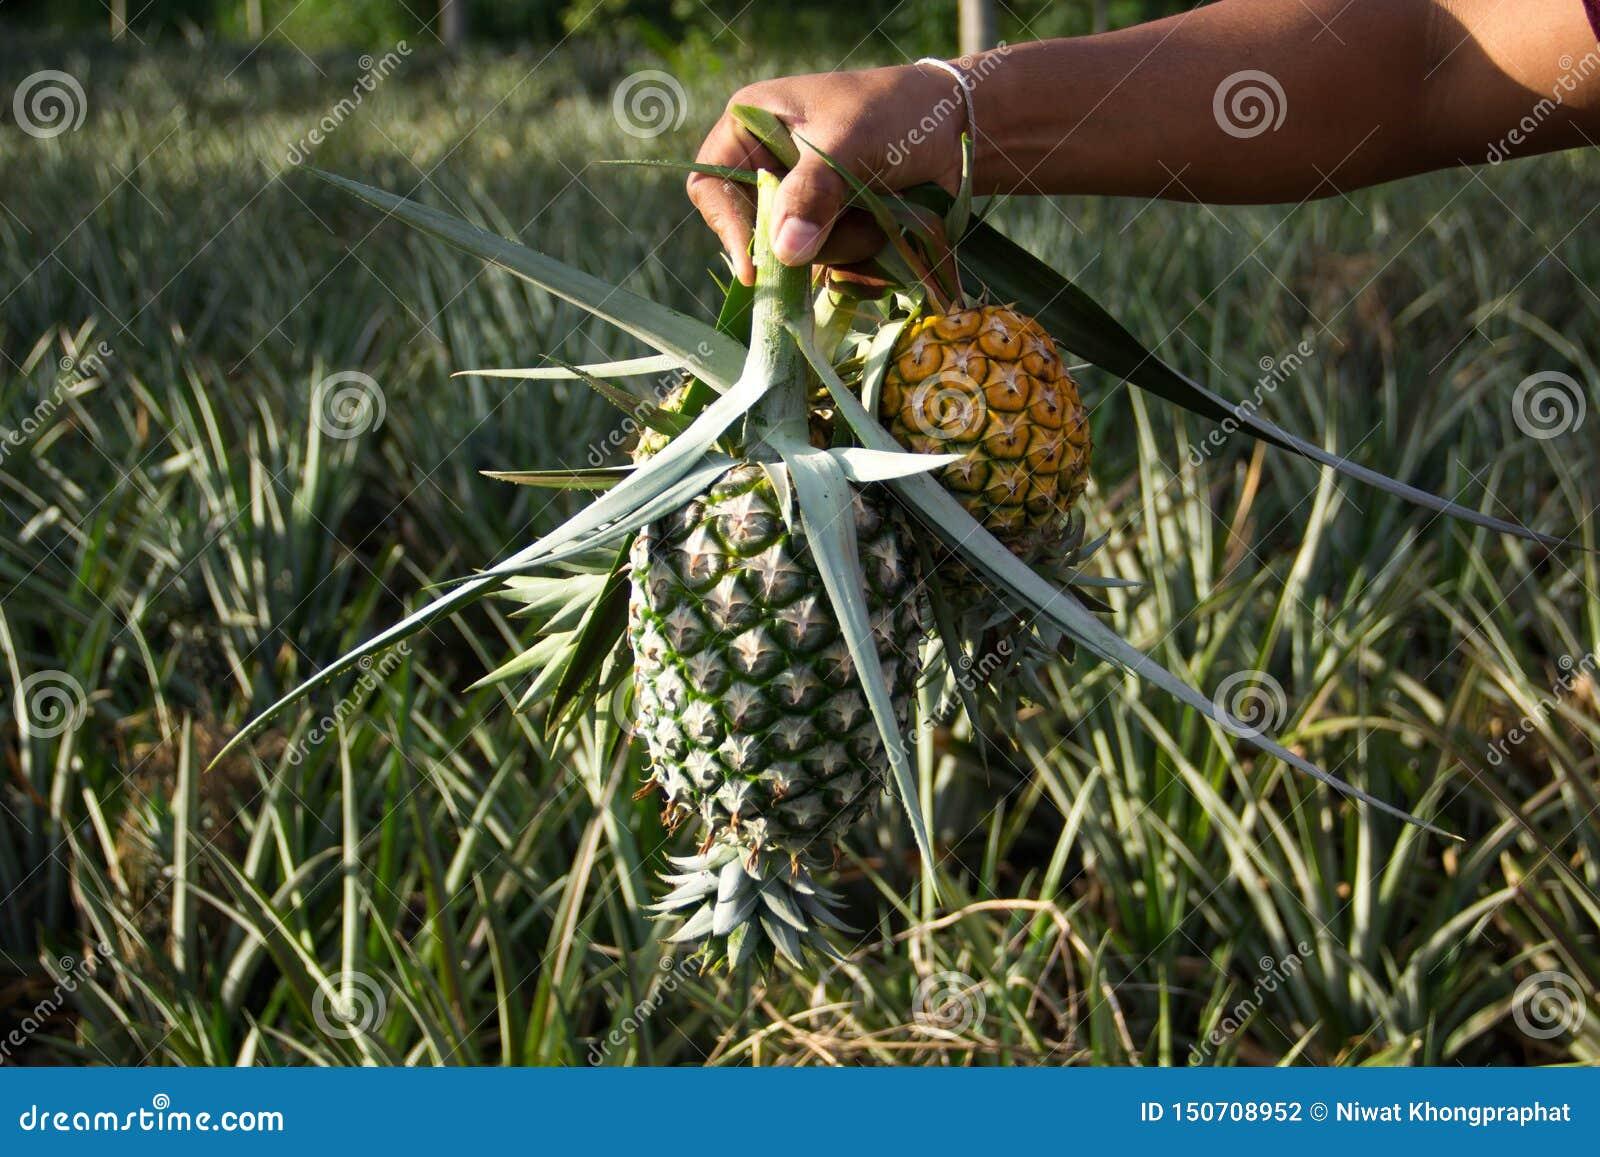 Houd de ananas die bij de tuin wordt gekookt